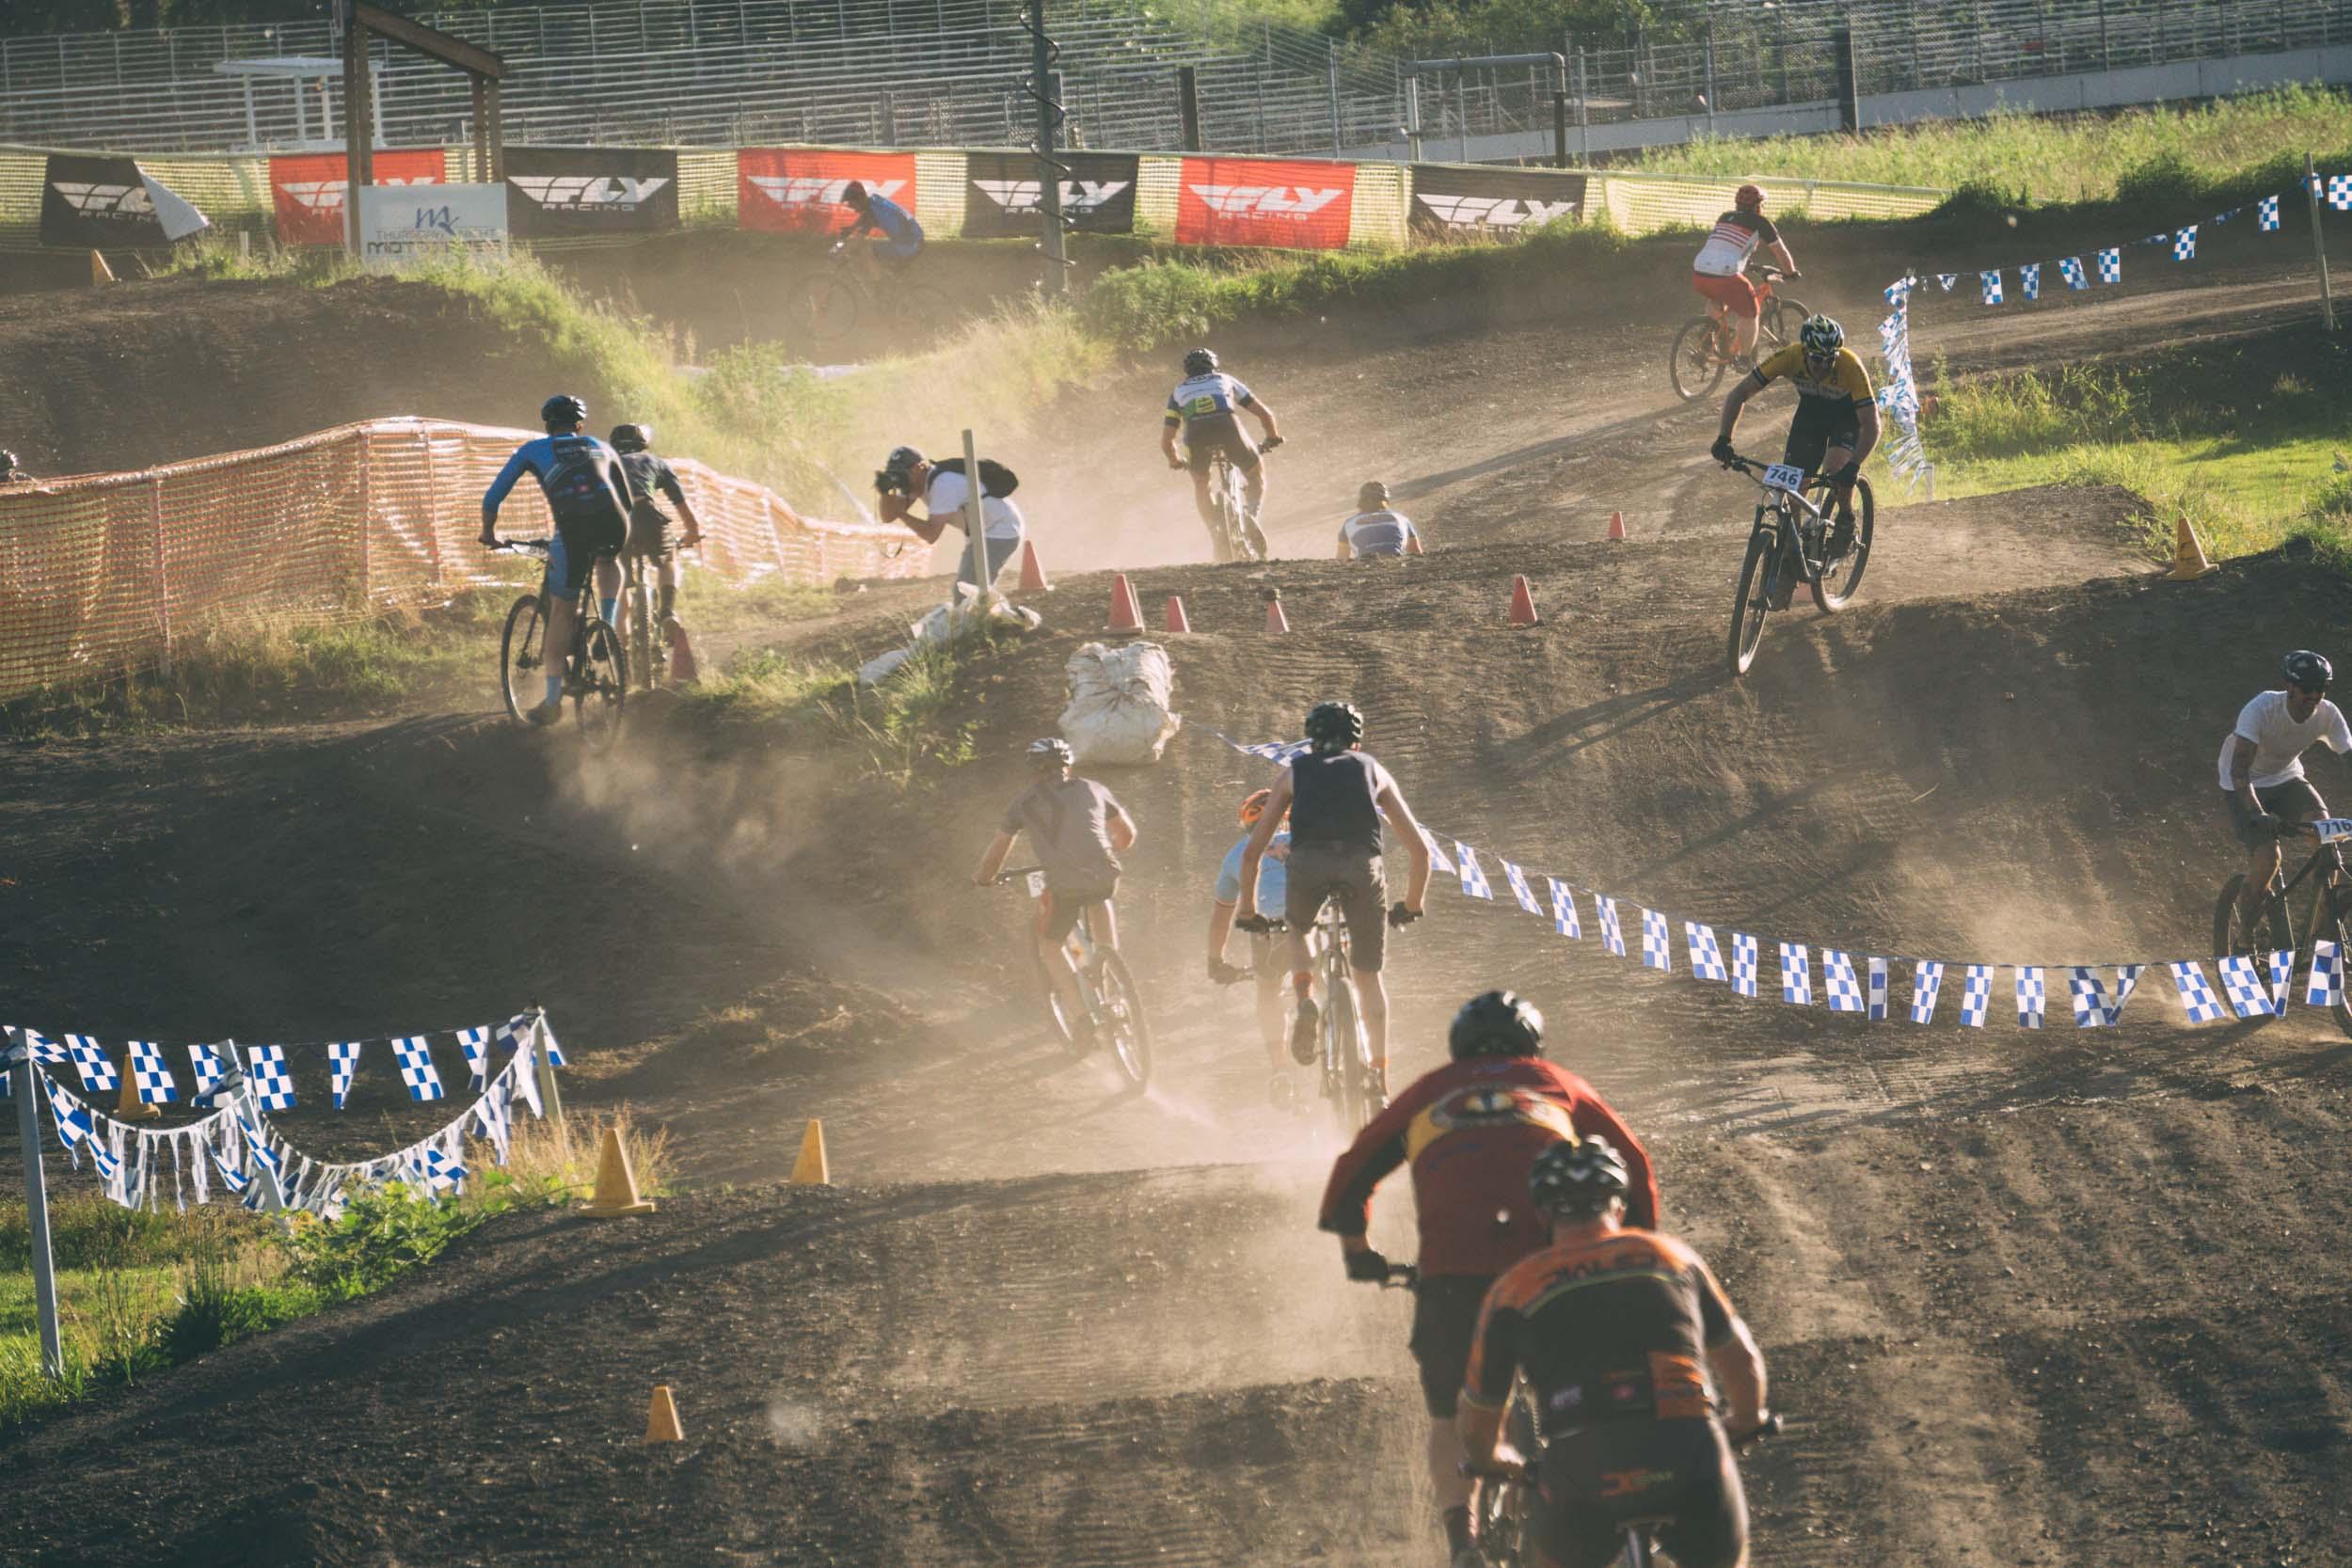 Short_Track_Race3_41.jpg